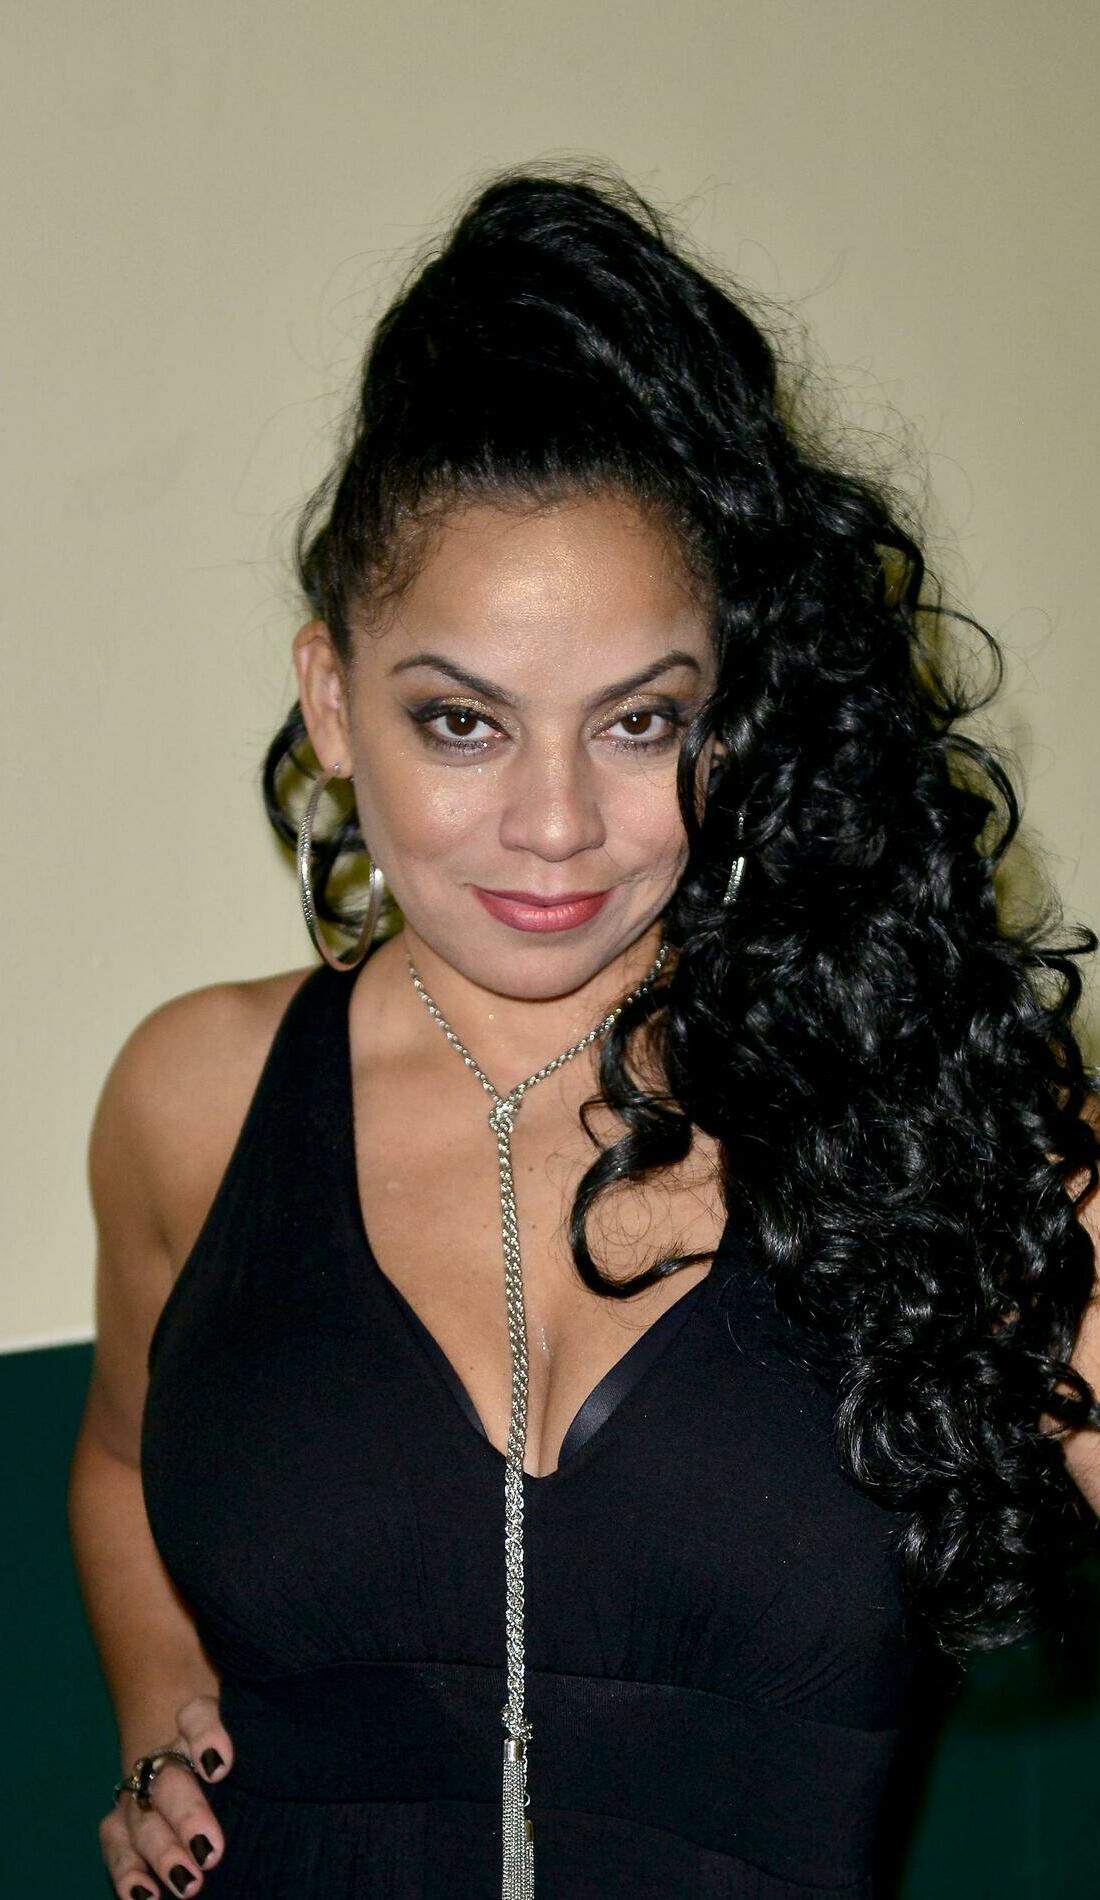 A Lisette Melendez live event